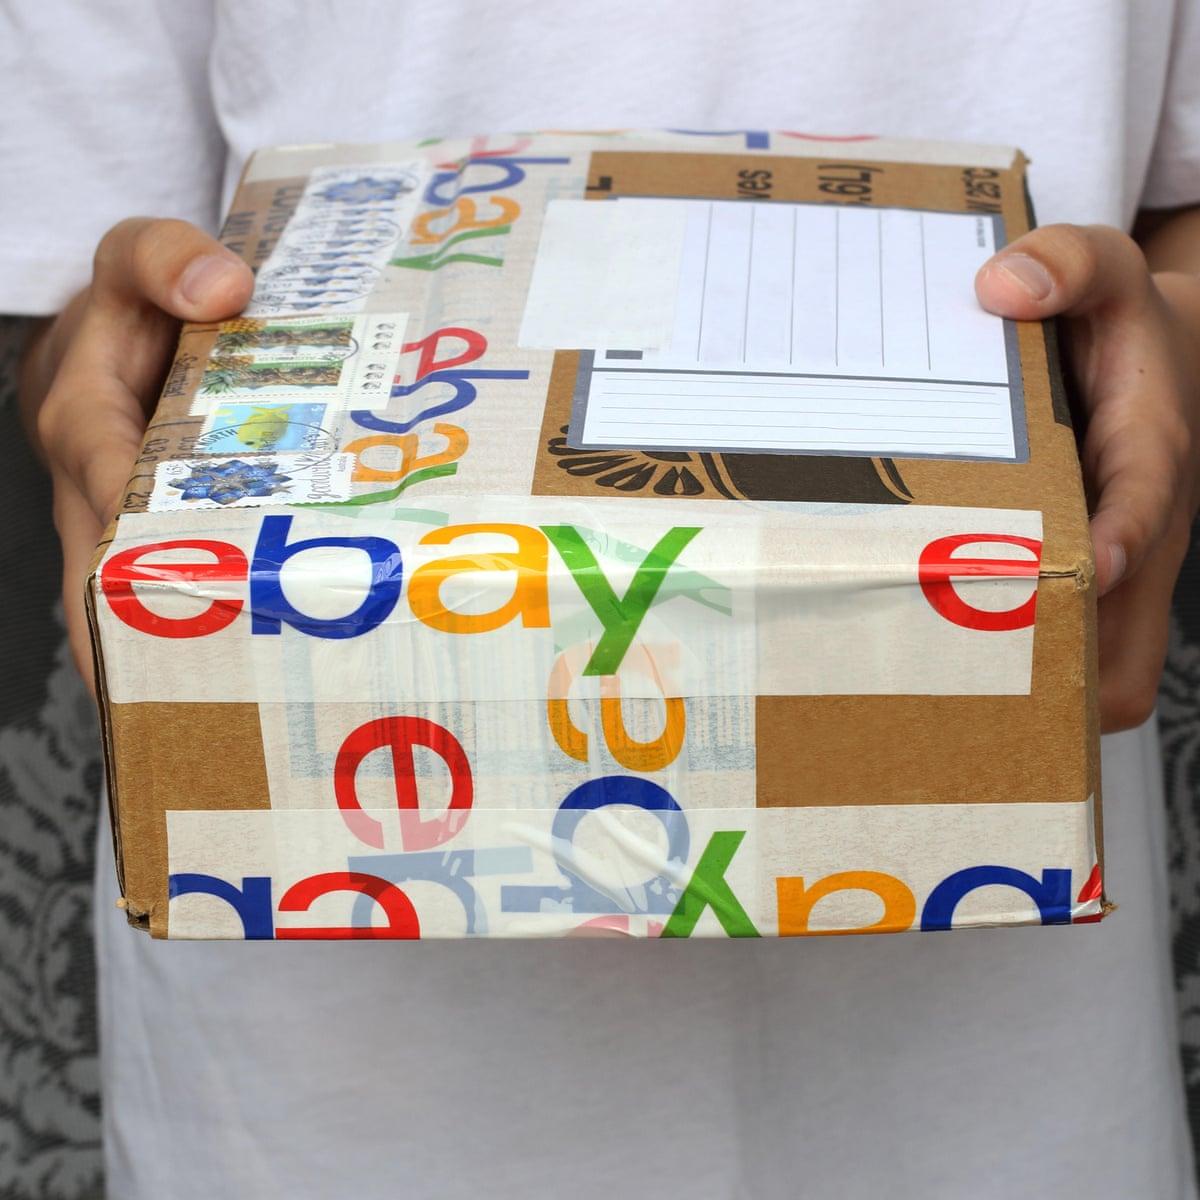 Tangan memegang paket dari eBay